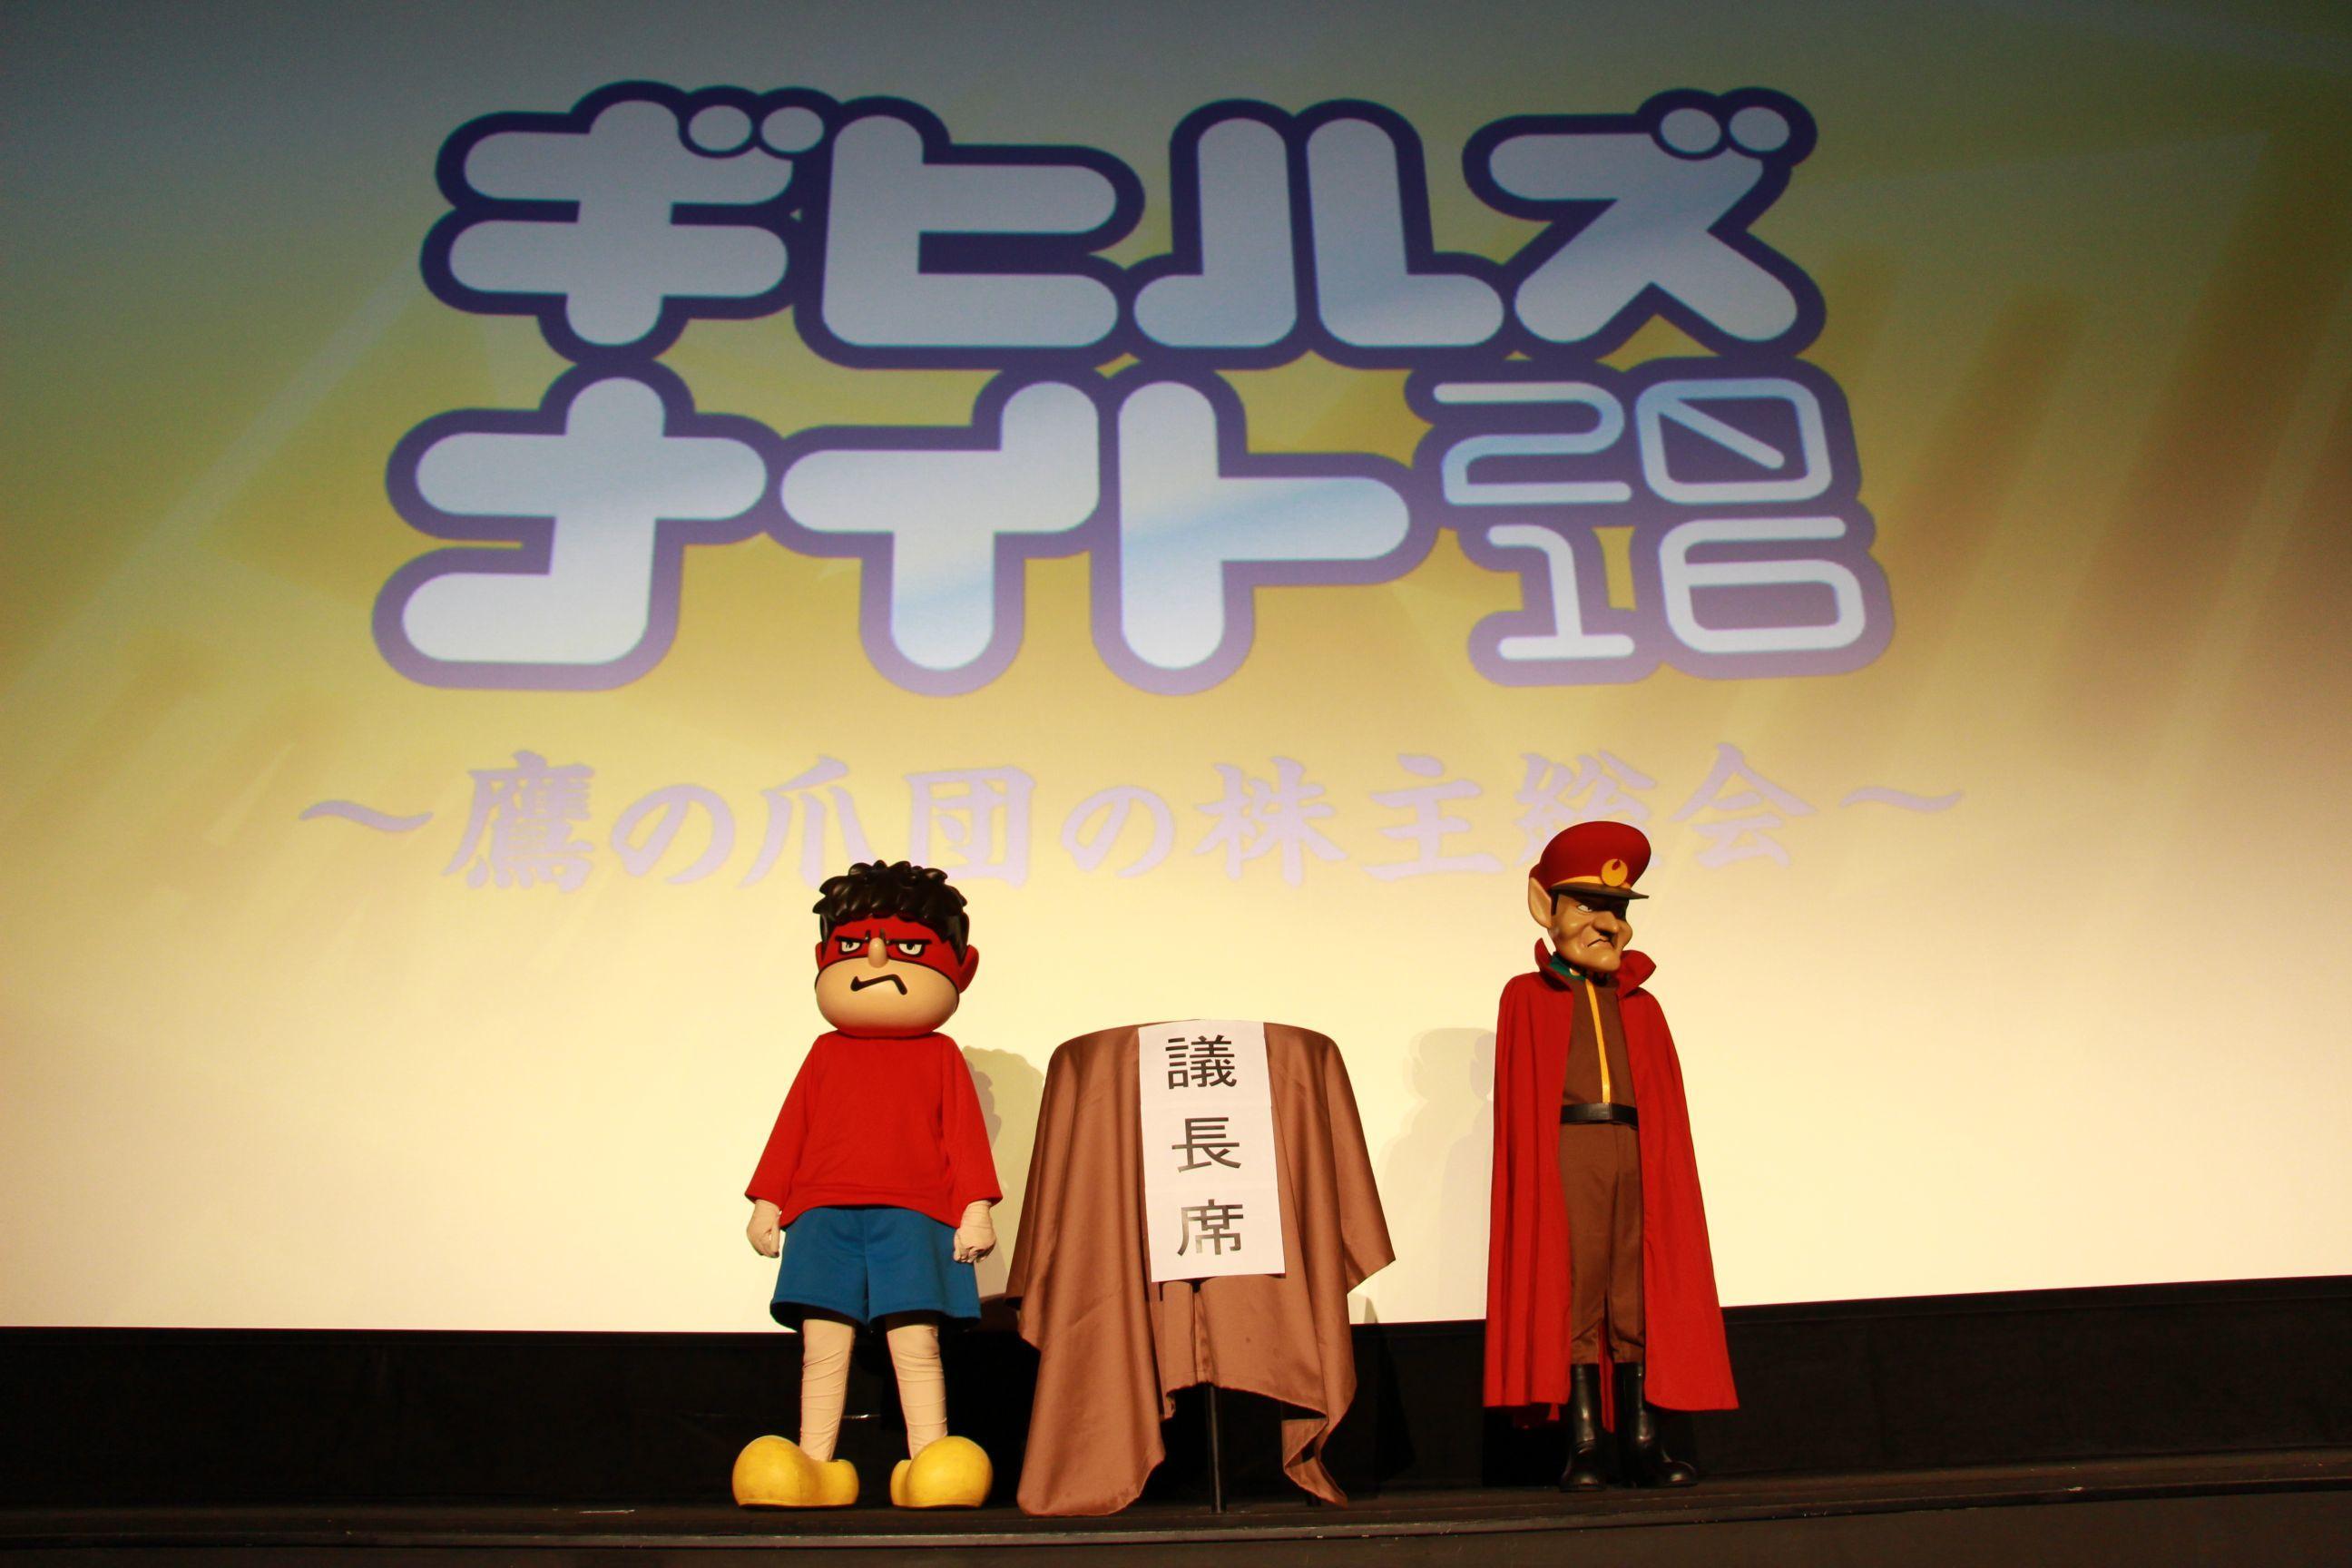 左から 吉田ジャスティスカツヲ、総統(小泉鈍一郎)